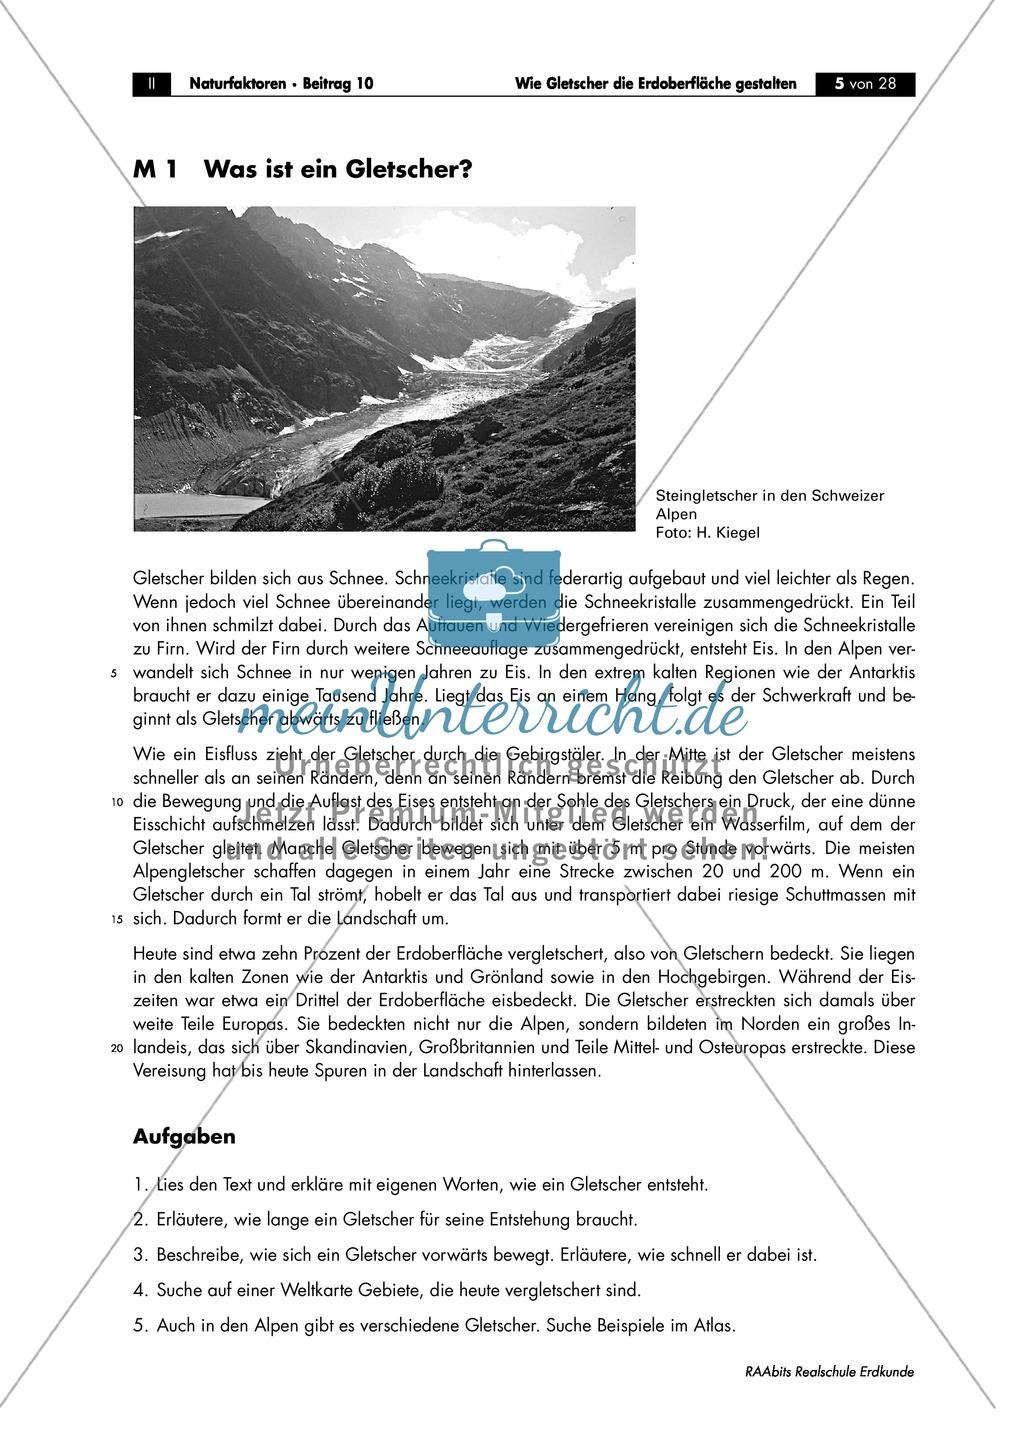 Entstehung + Aufbau eines Gletschers kennen lernen: Arbeitsblätter ...